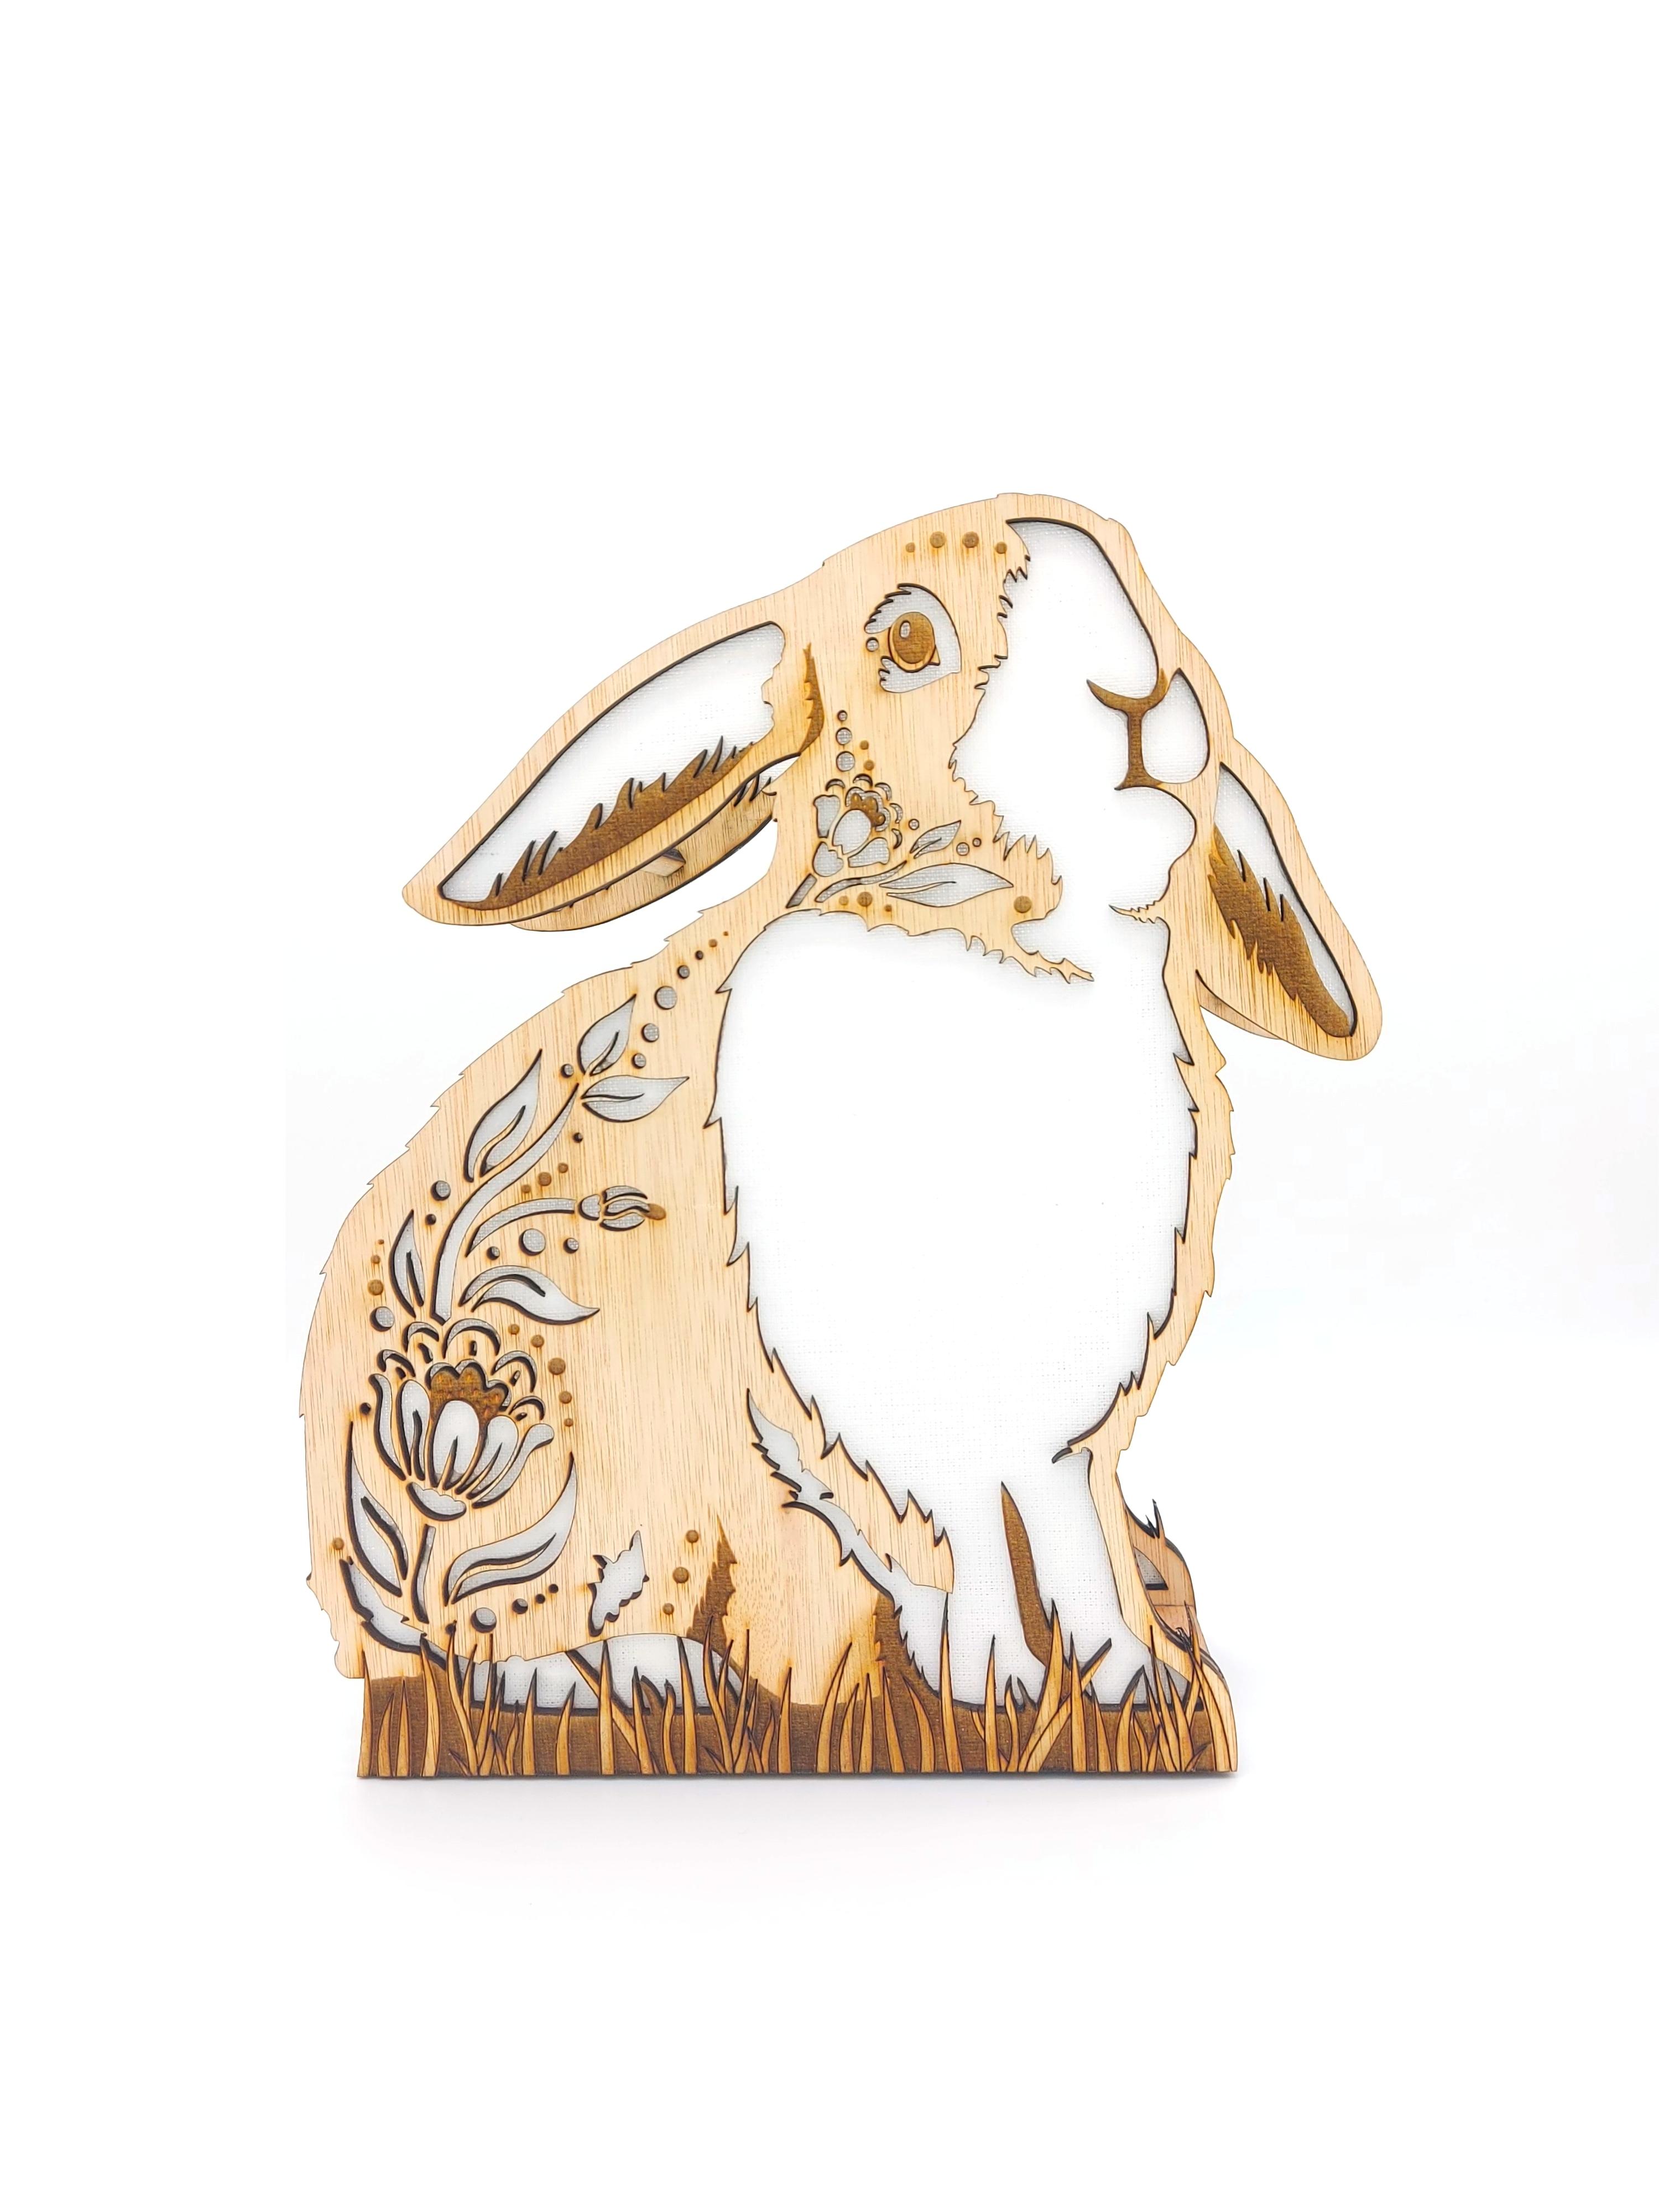 Clover Bunny, Lamp